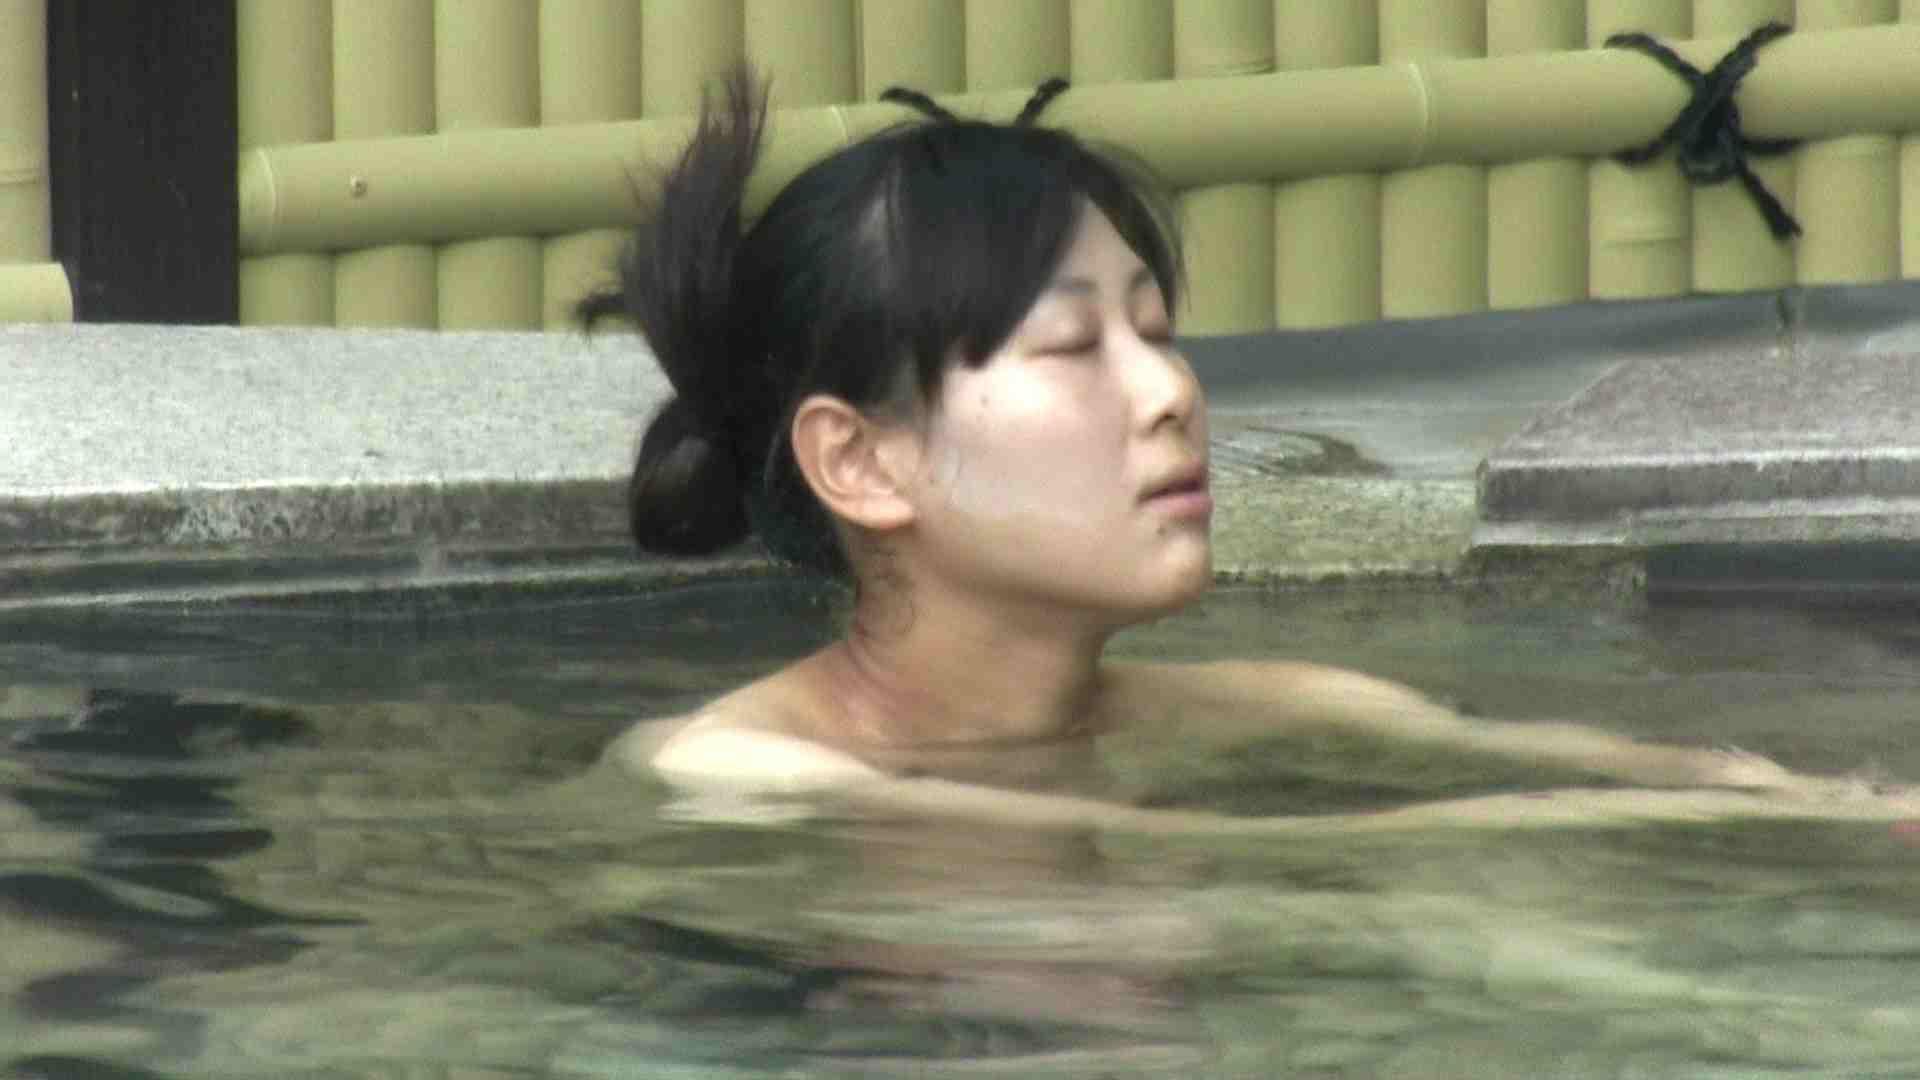 Aquaな露天風呂Vol.665 綺麗なOLたち | 盗撮  85枚 22